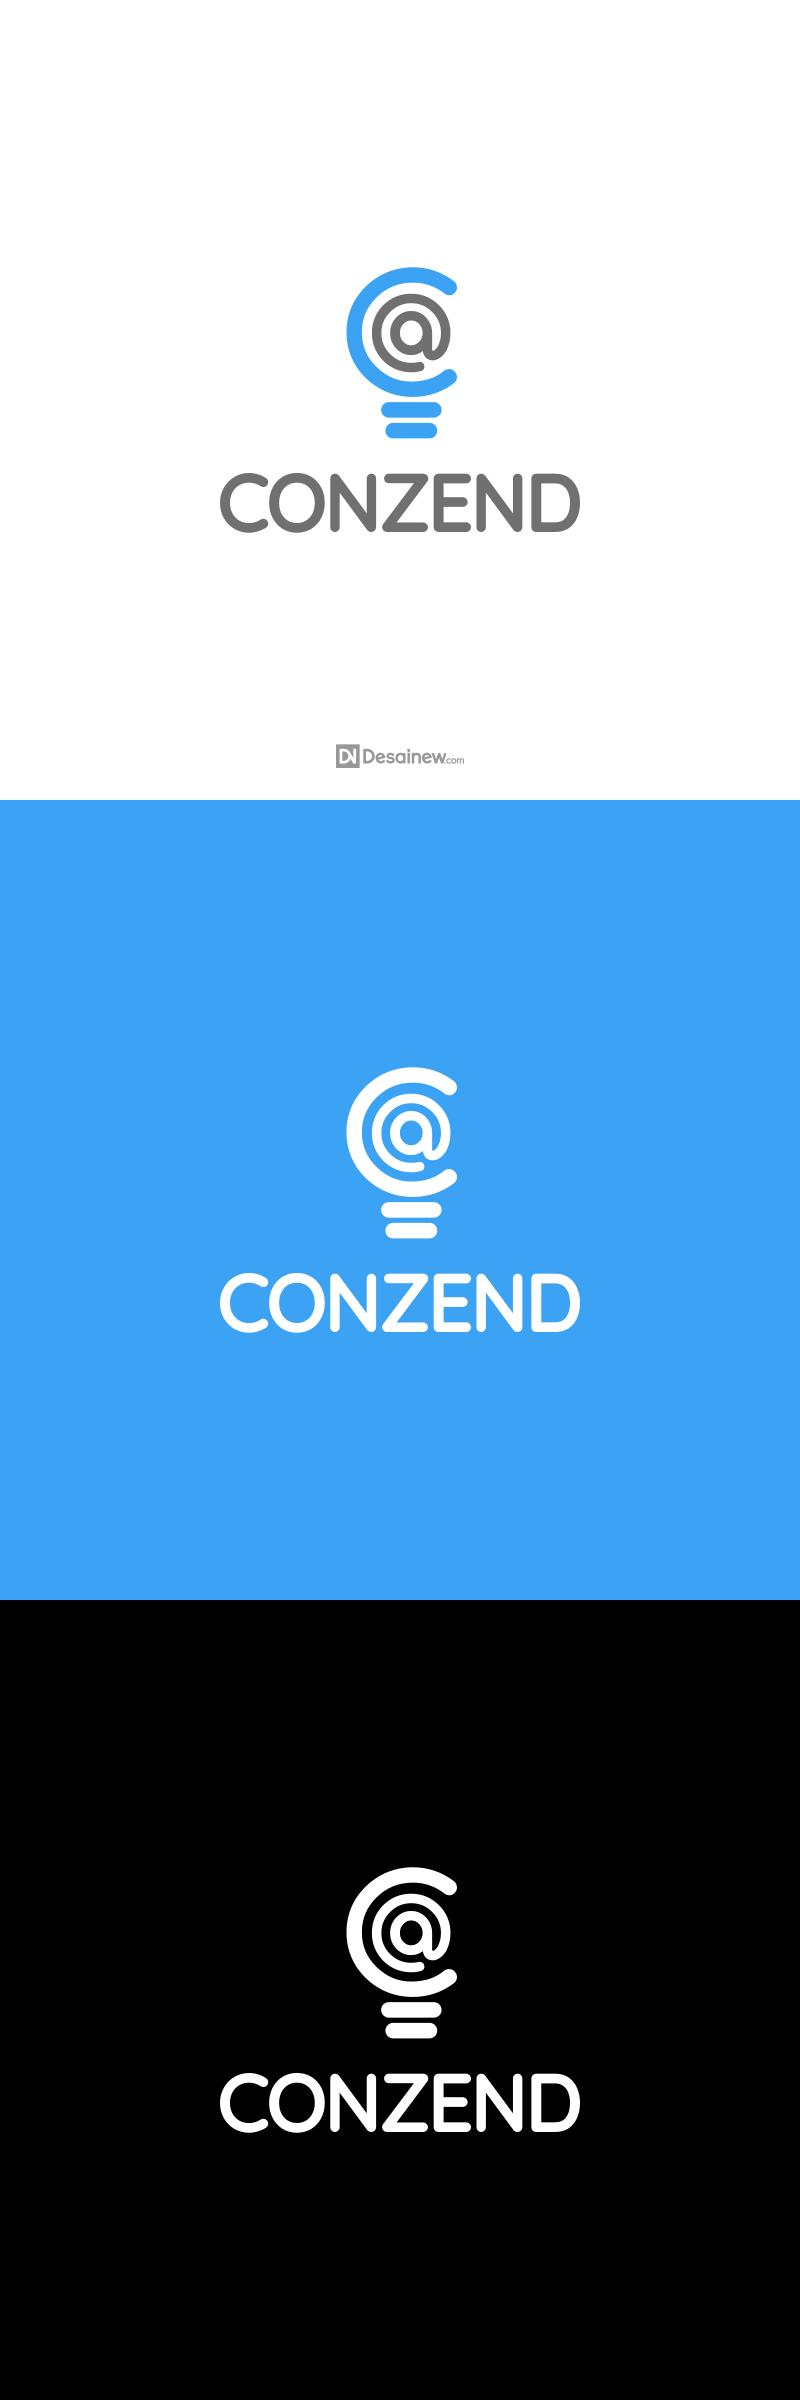 Conzend Logo Design Project Portfolio Desainew Studio